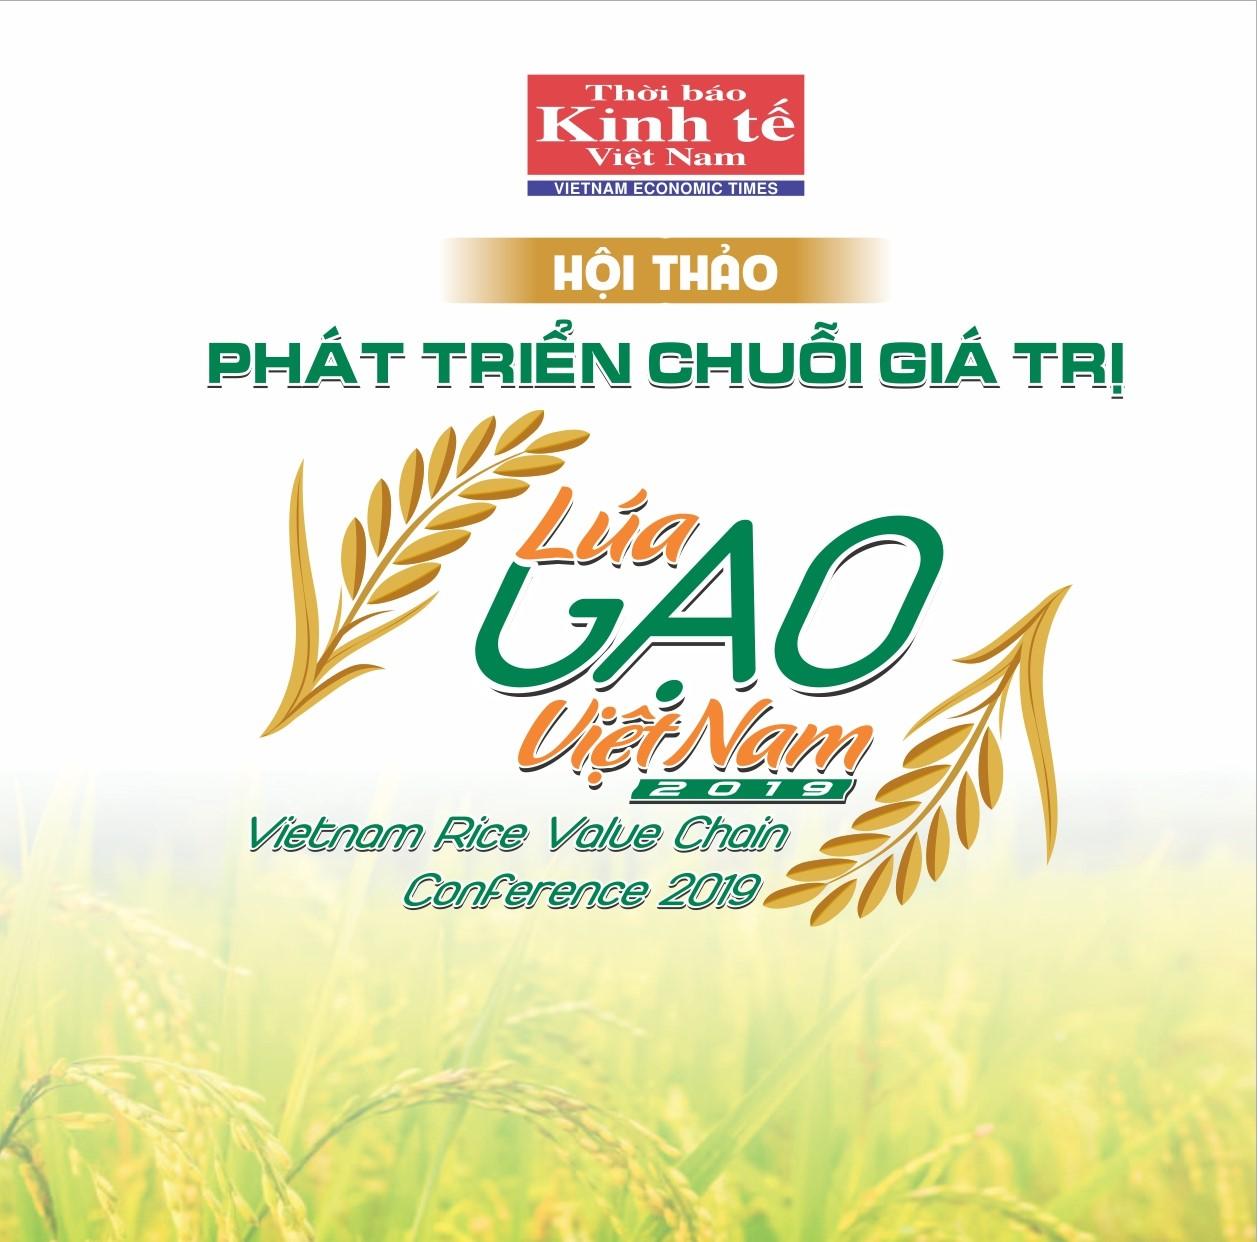 Hội thảo Phát triển chuỗi giá trị Lúa gạo Việt nam 2019